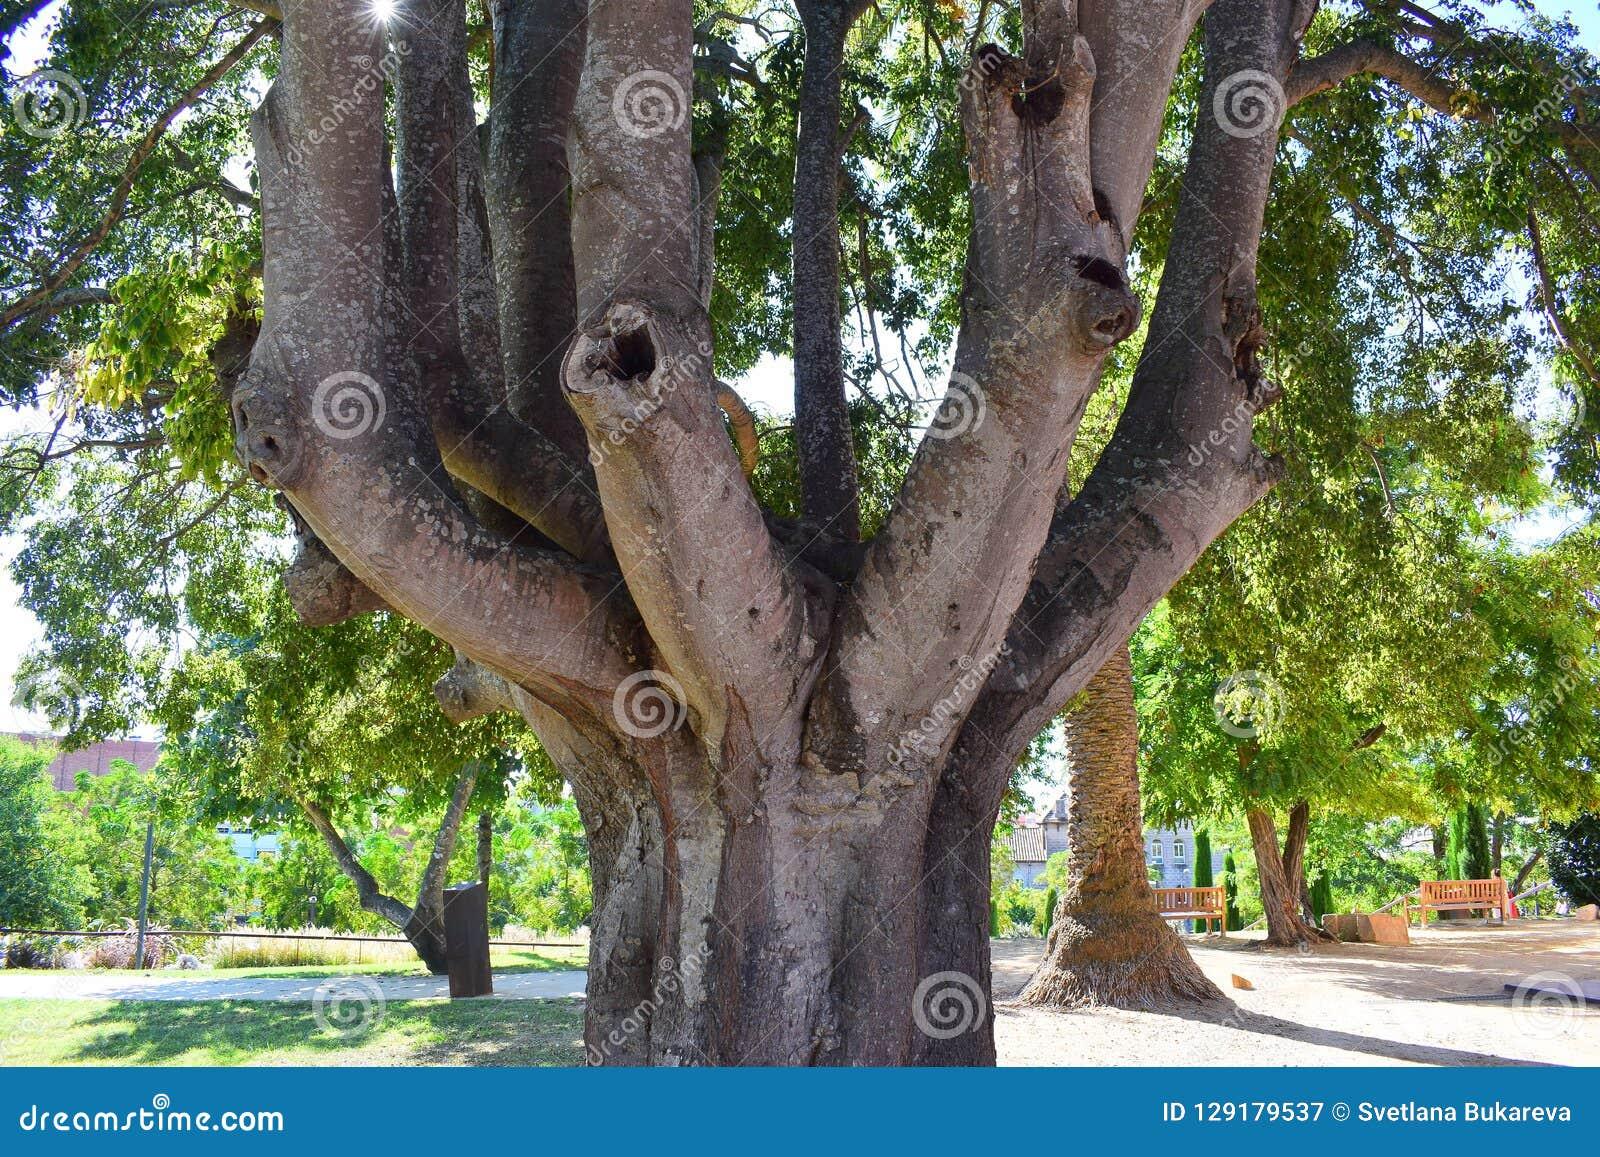 Uma árvore surpreendente com diversos troncos cresce no parque